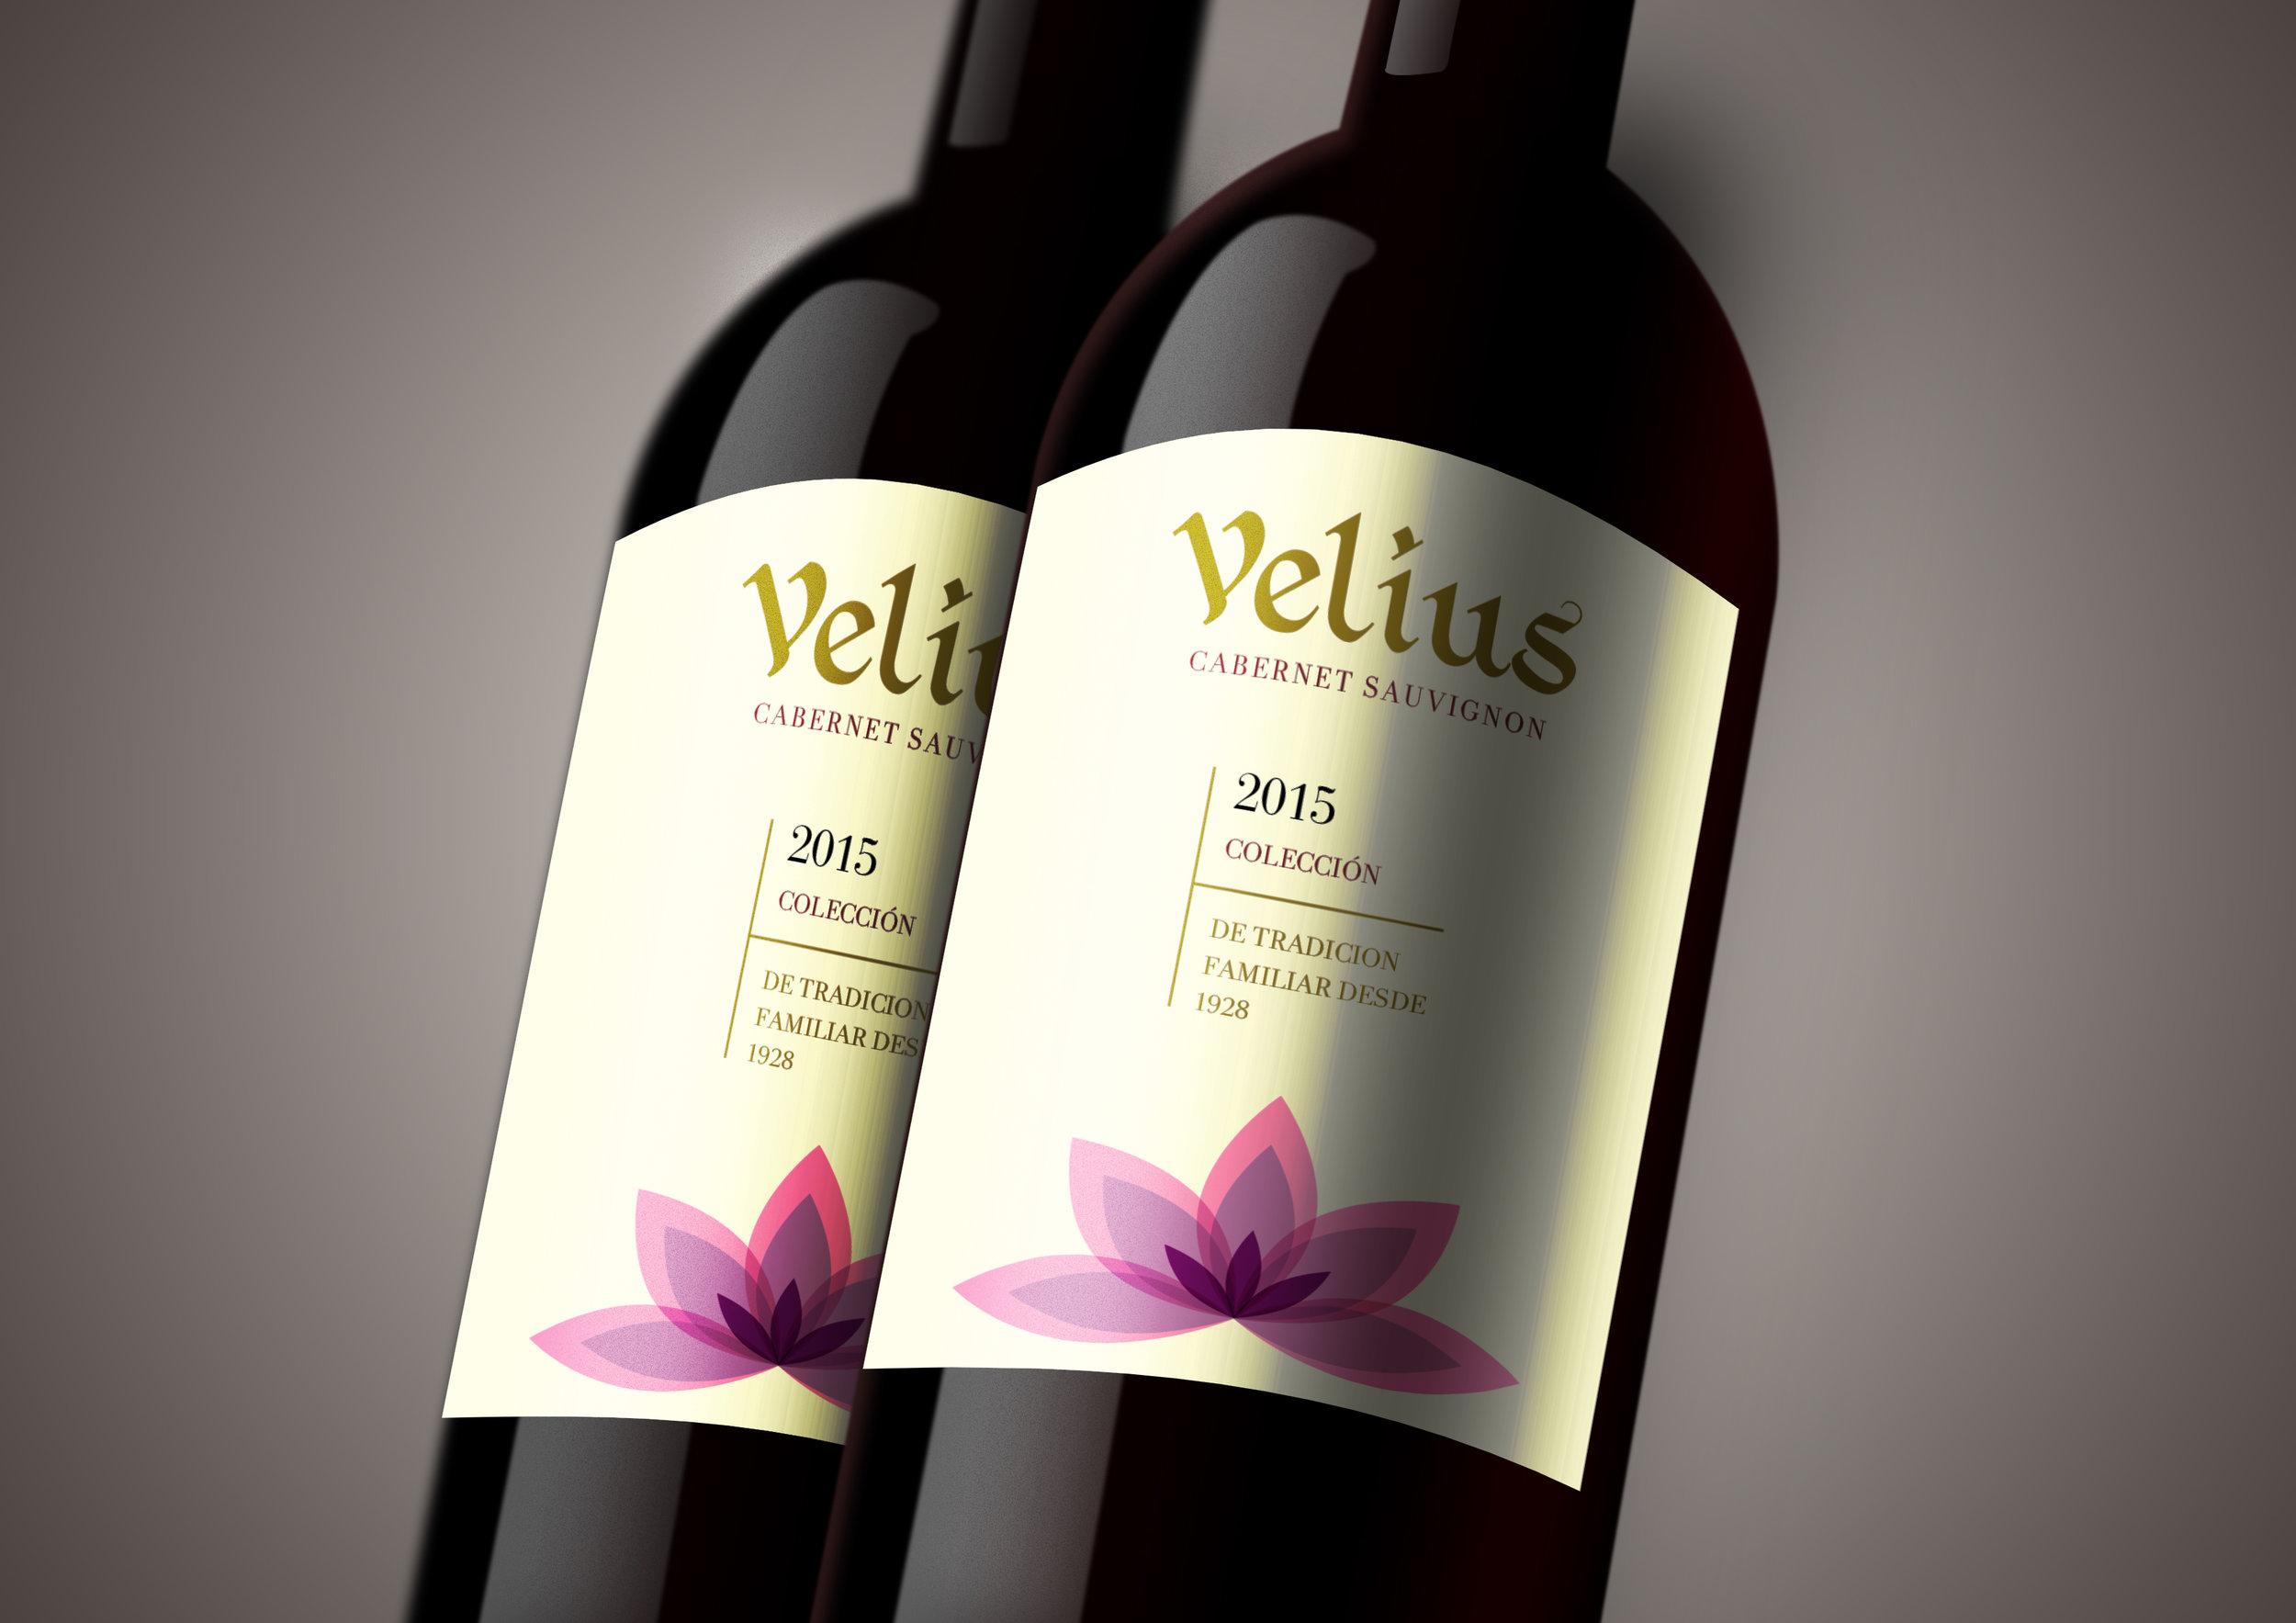 2 Bottle Mock Up Velius.jpg